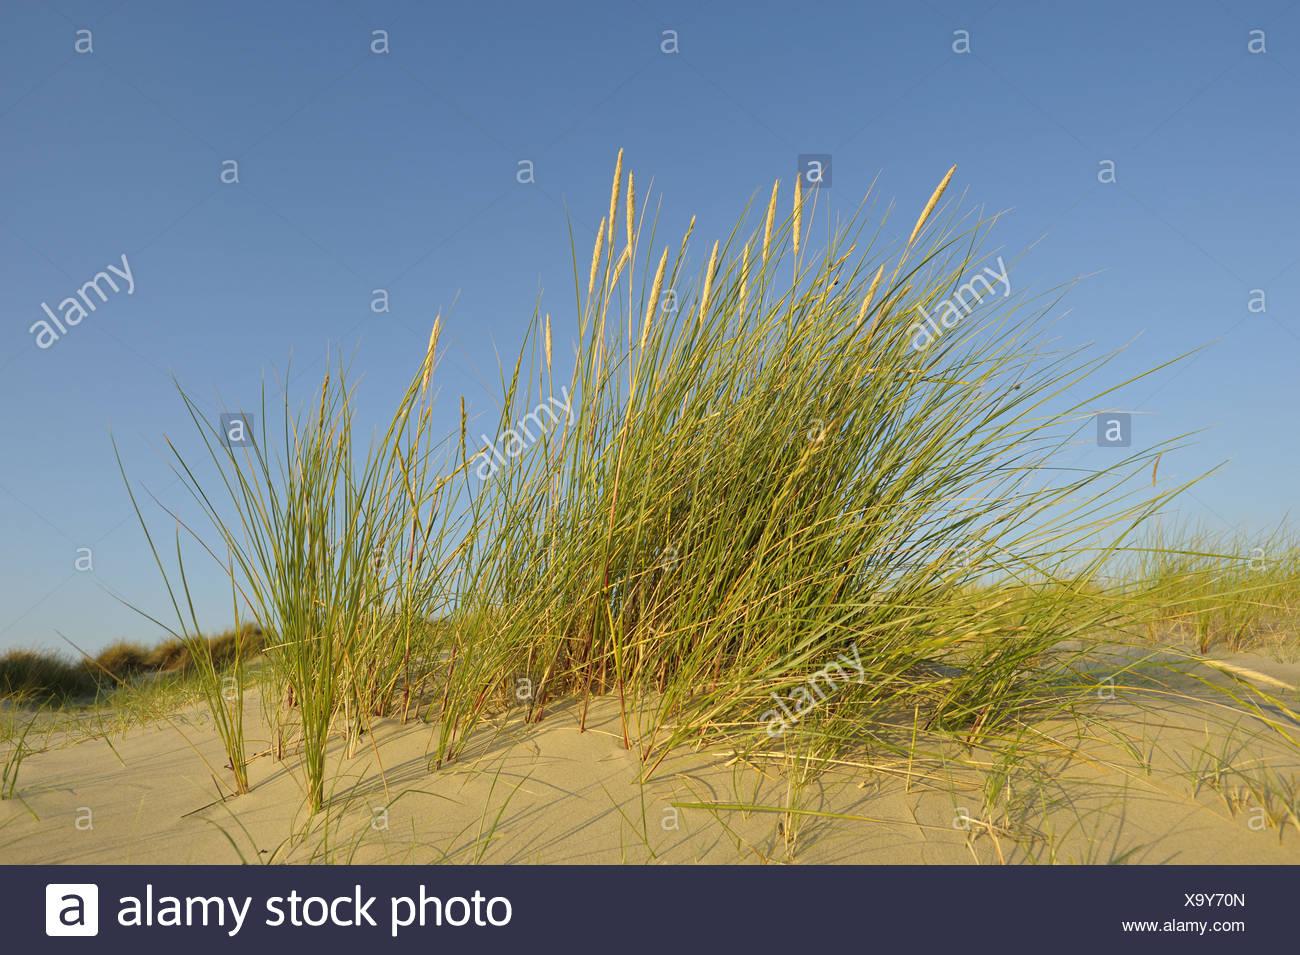 Marram on dune, nature reserve De Slufter, national park Duinen van Texel, Texel, Netherlands / (Ammophila arenaria) - Stock Image